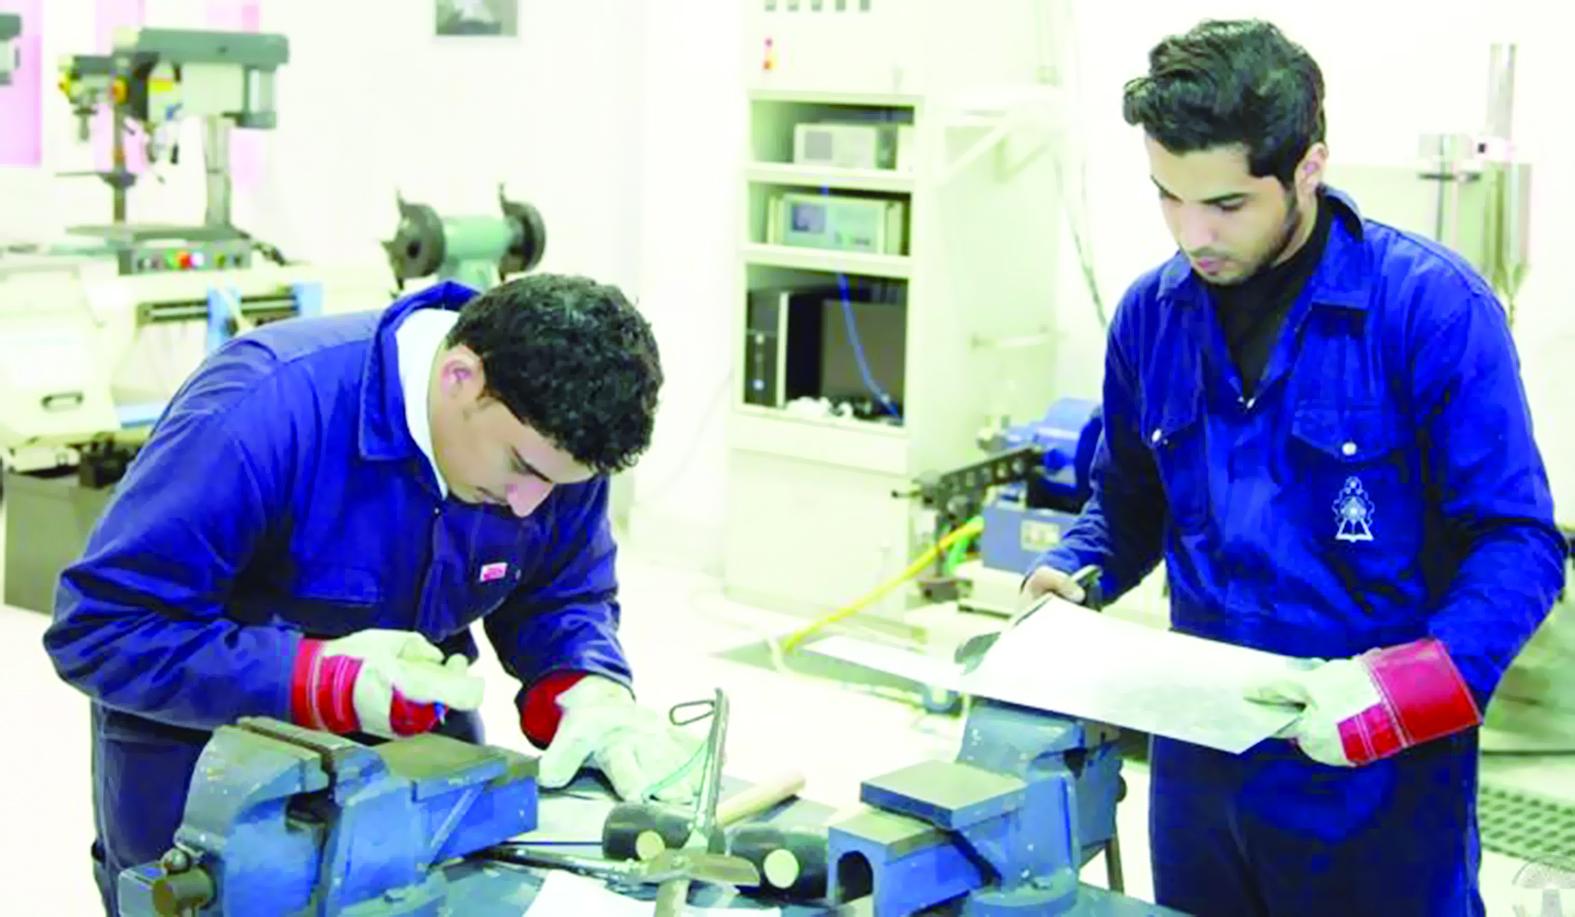 مصطلح  : الوصف الوظيفي وثيقة تعدها الشركات لكل وظيفة على هيكل تنظيمي،